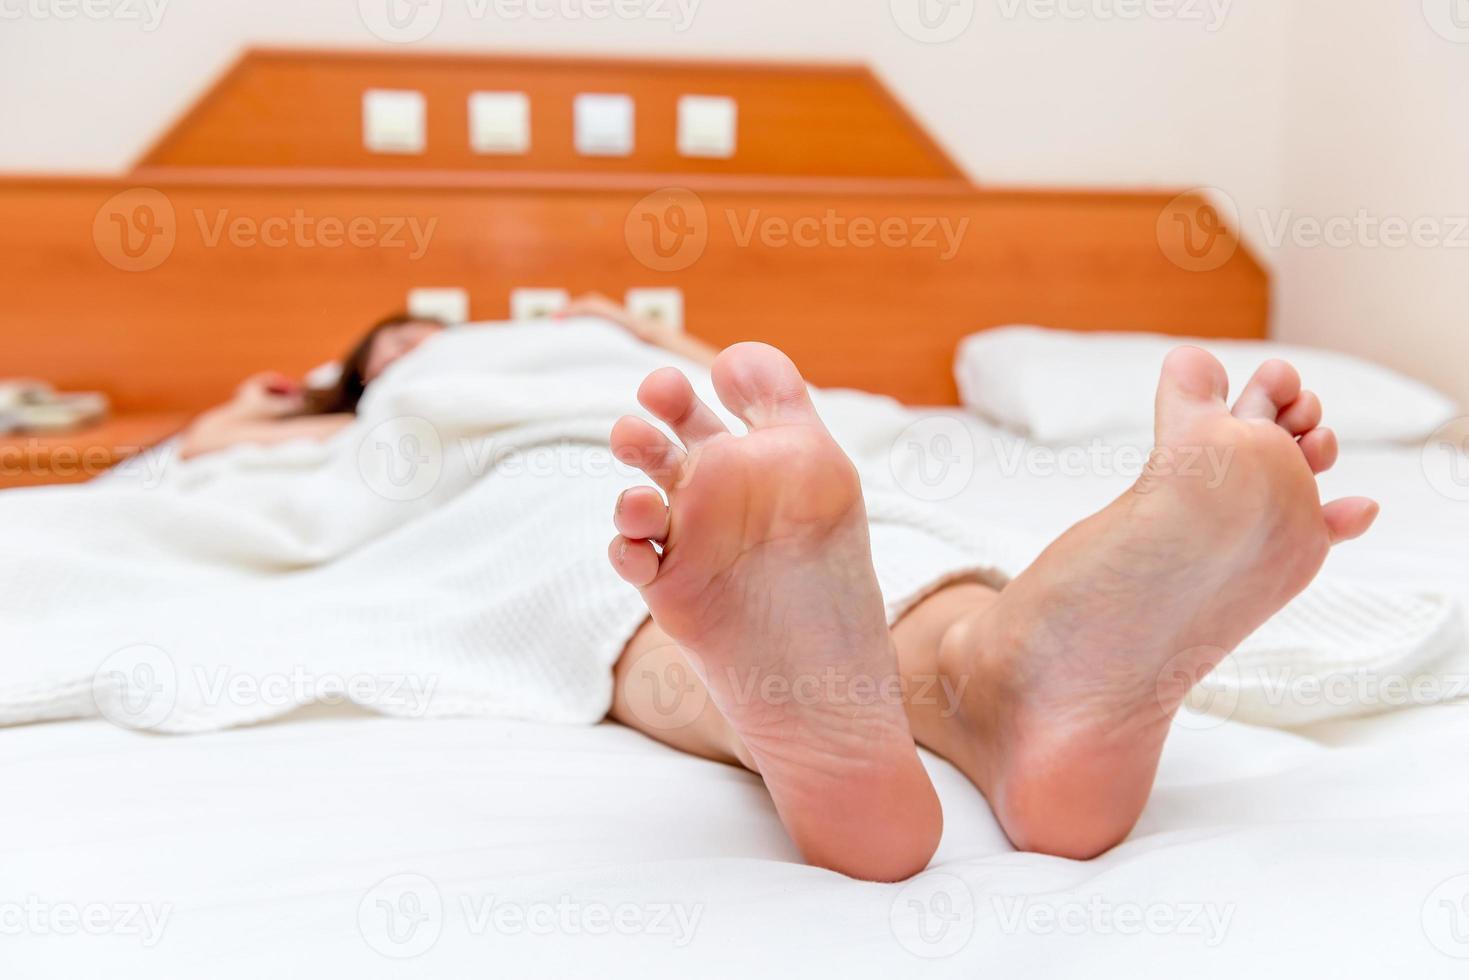 vrouwelijke voeten sluiten zich uit bij het ontwaken foto